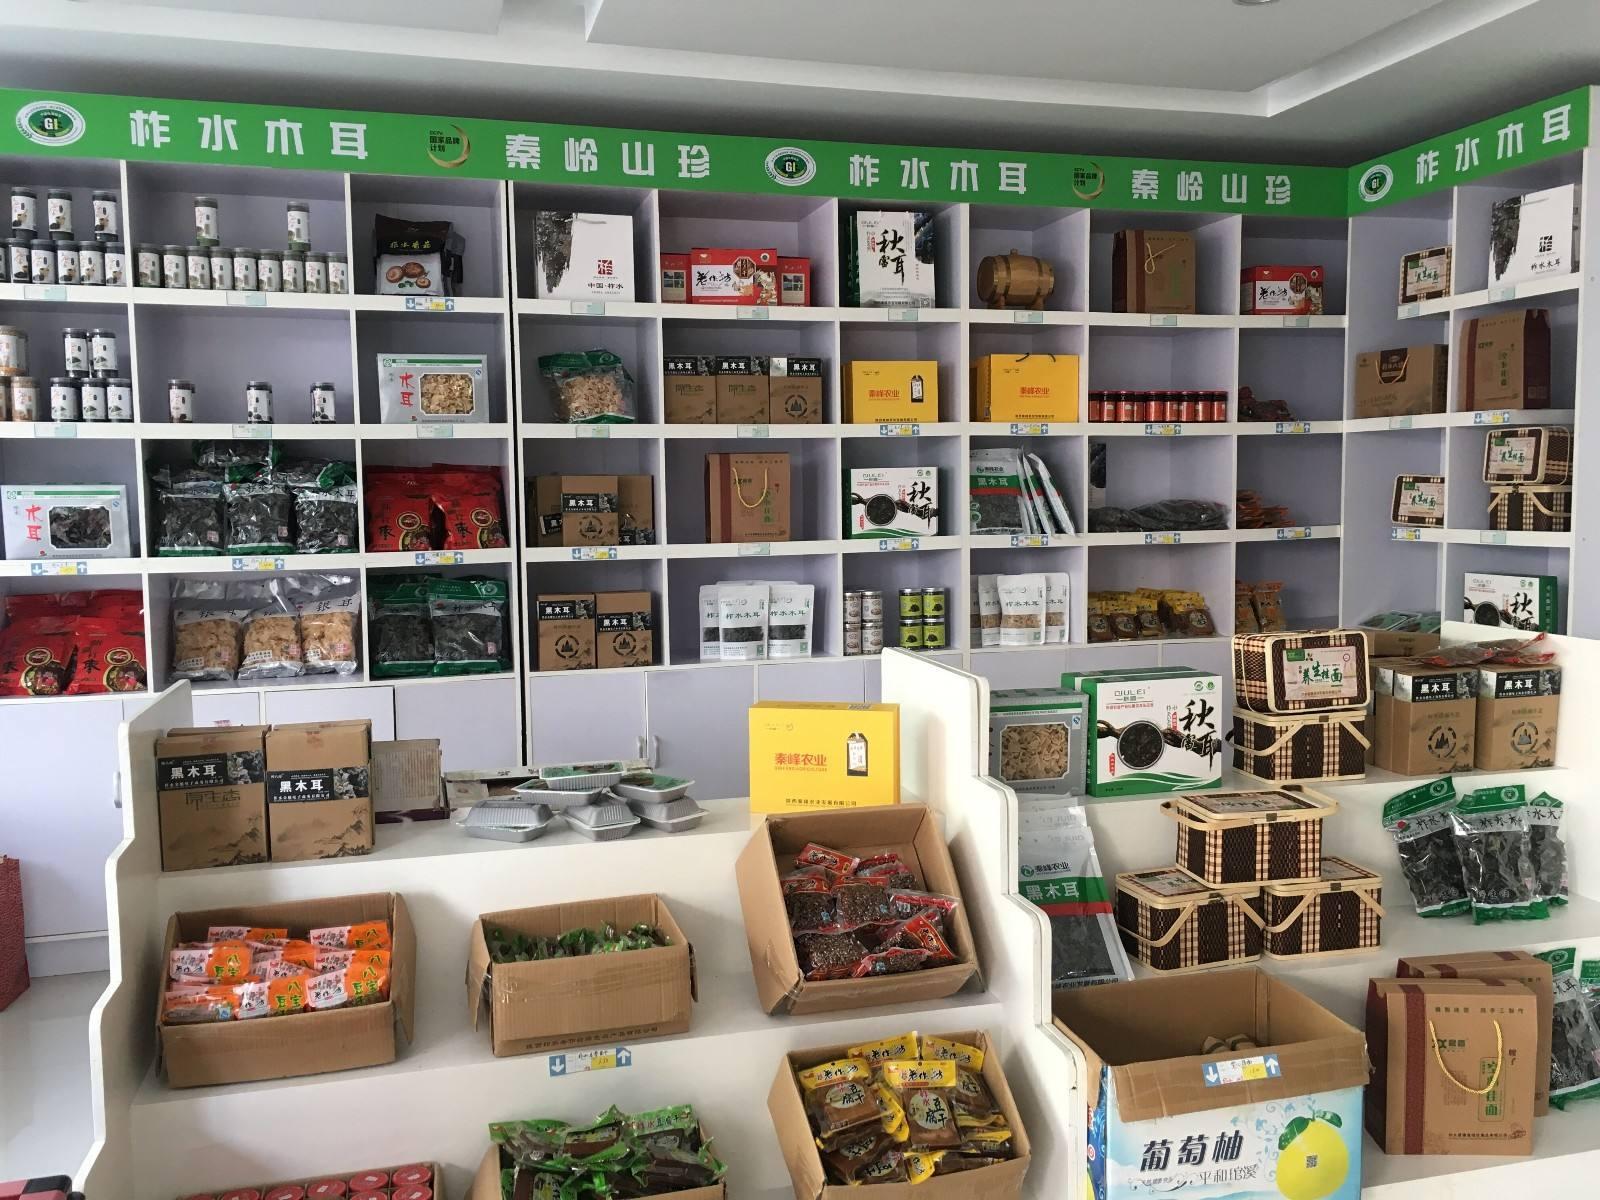 陕西扶贫产品销售已超40亿元 已建成265个消费扶贫专区